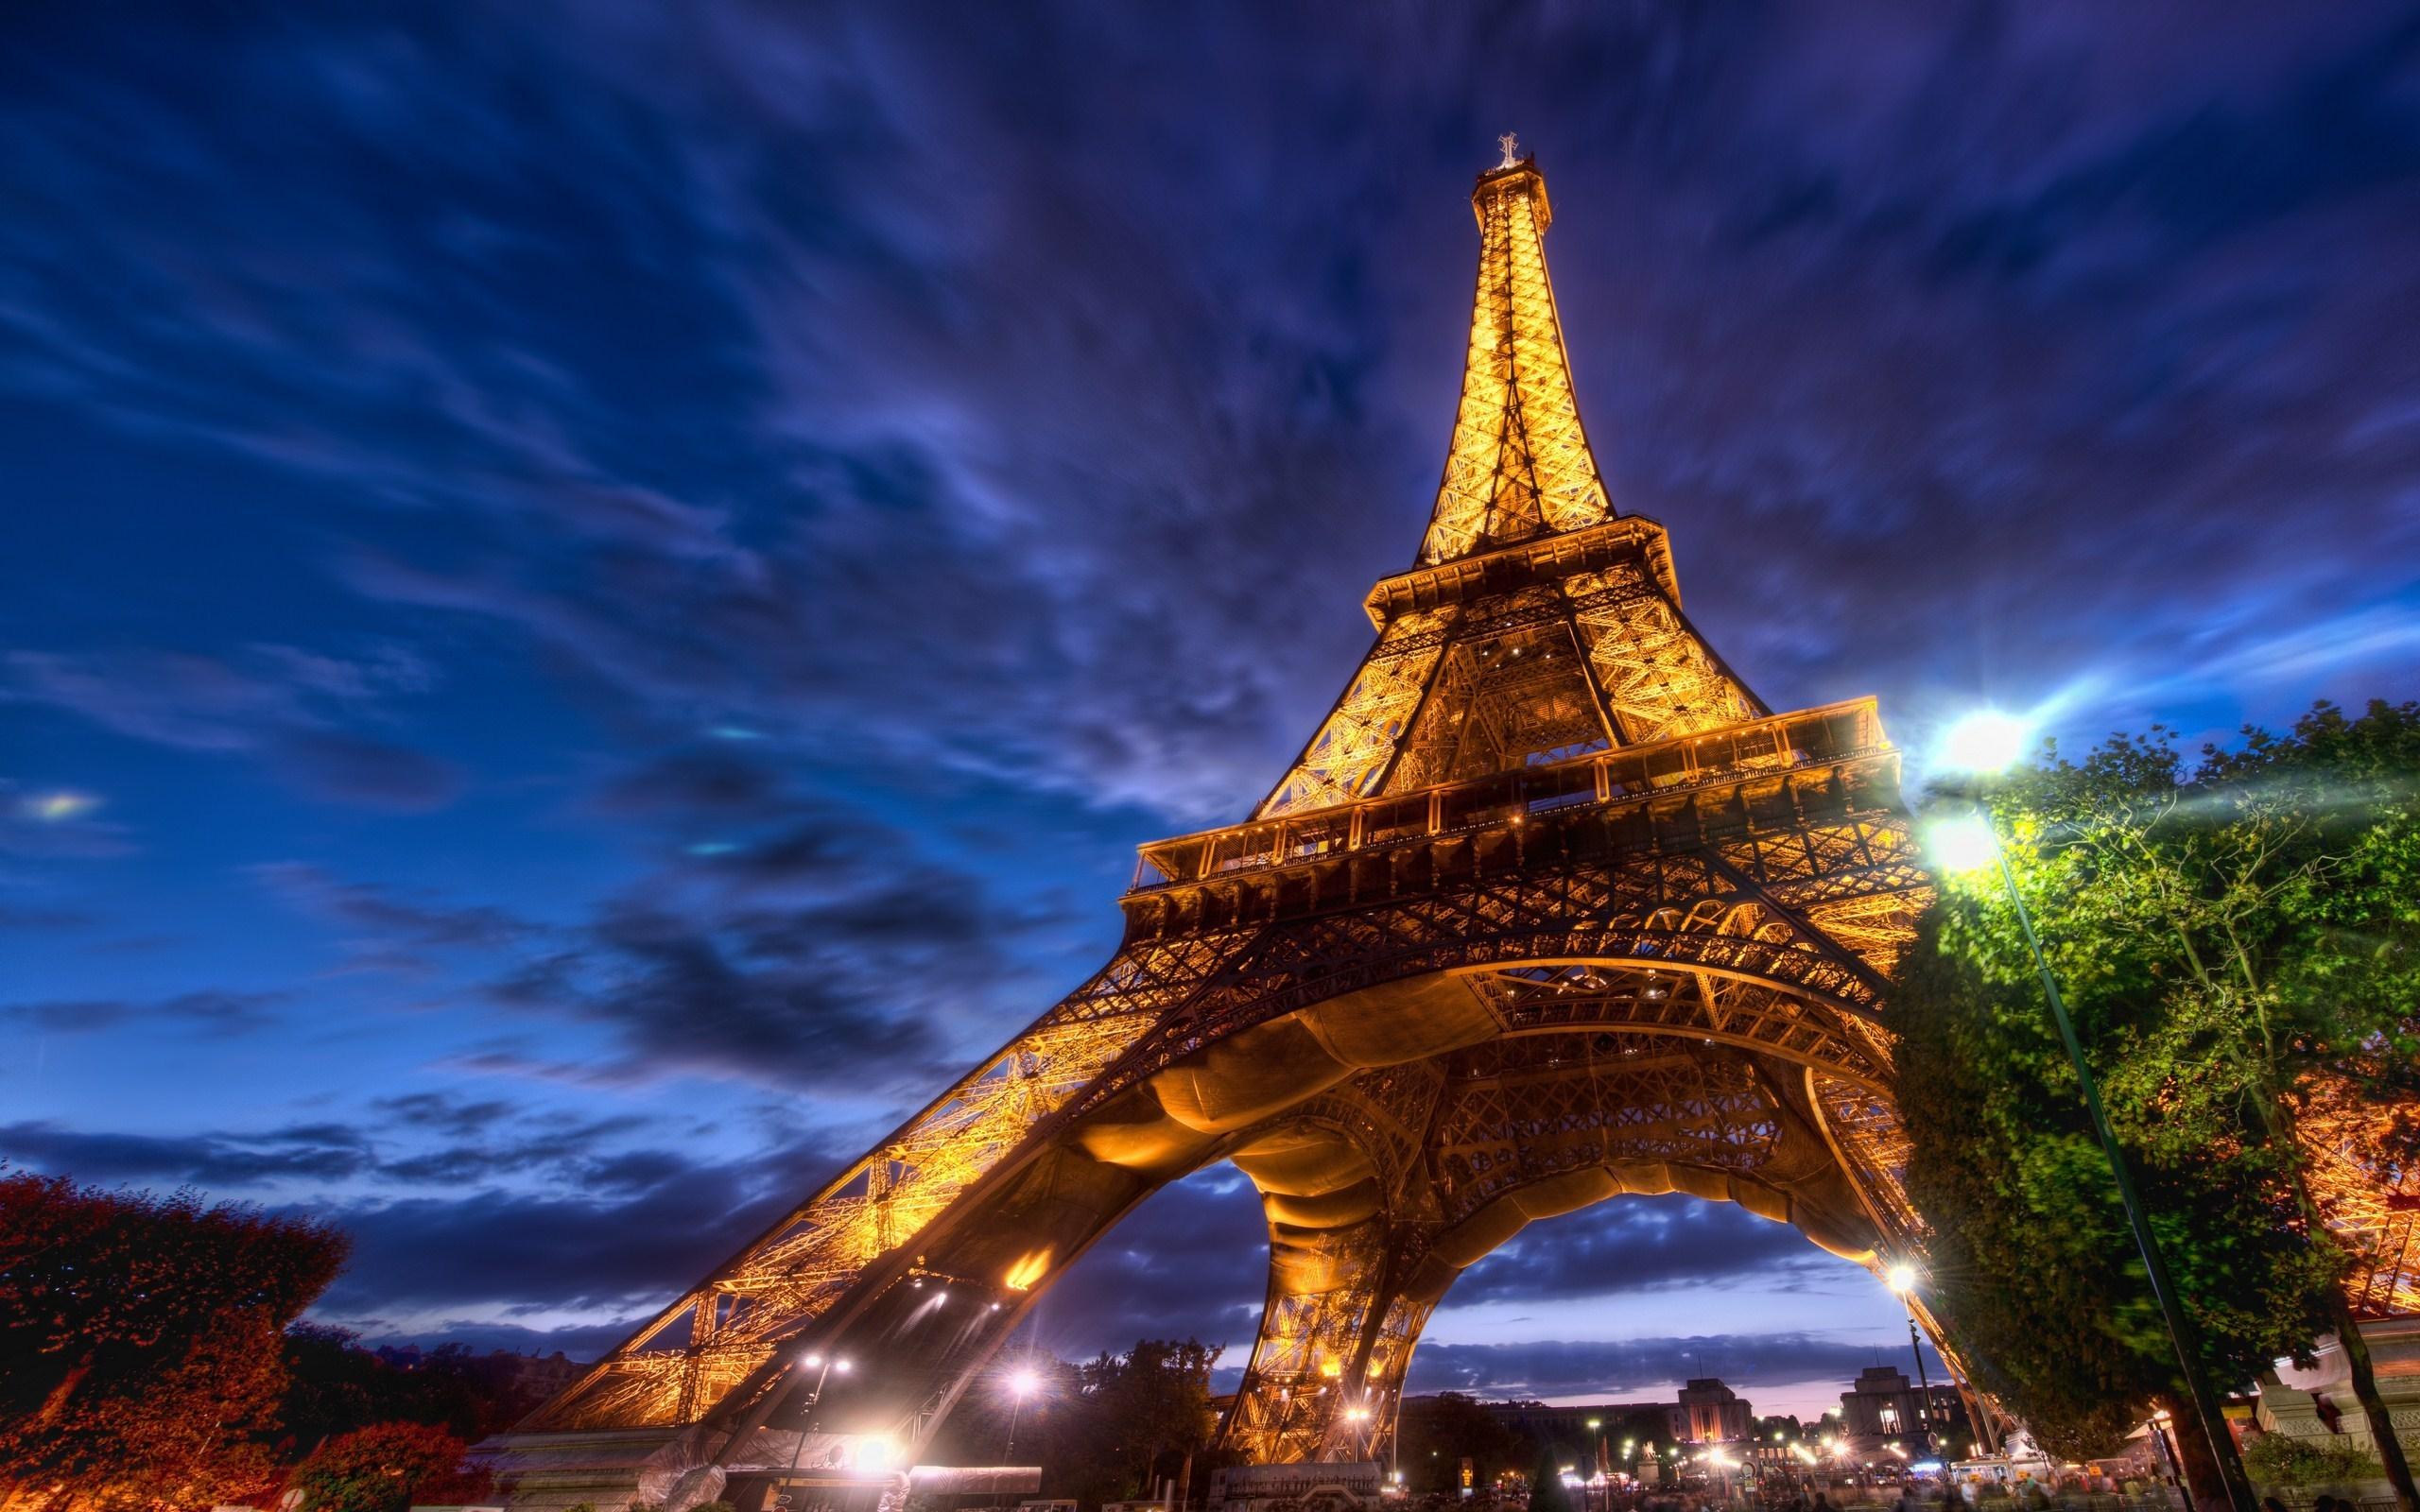 Париж из космоса  № 3715281 бесплатно